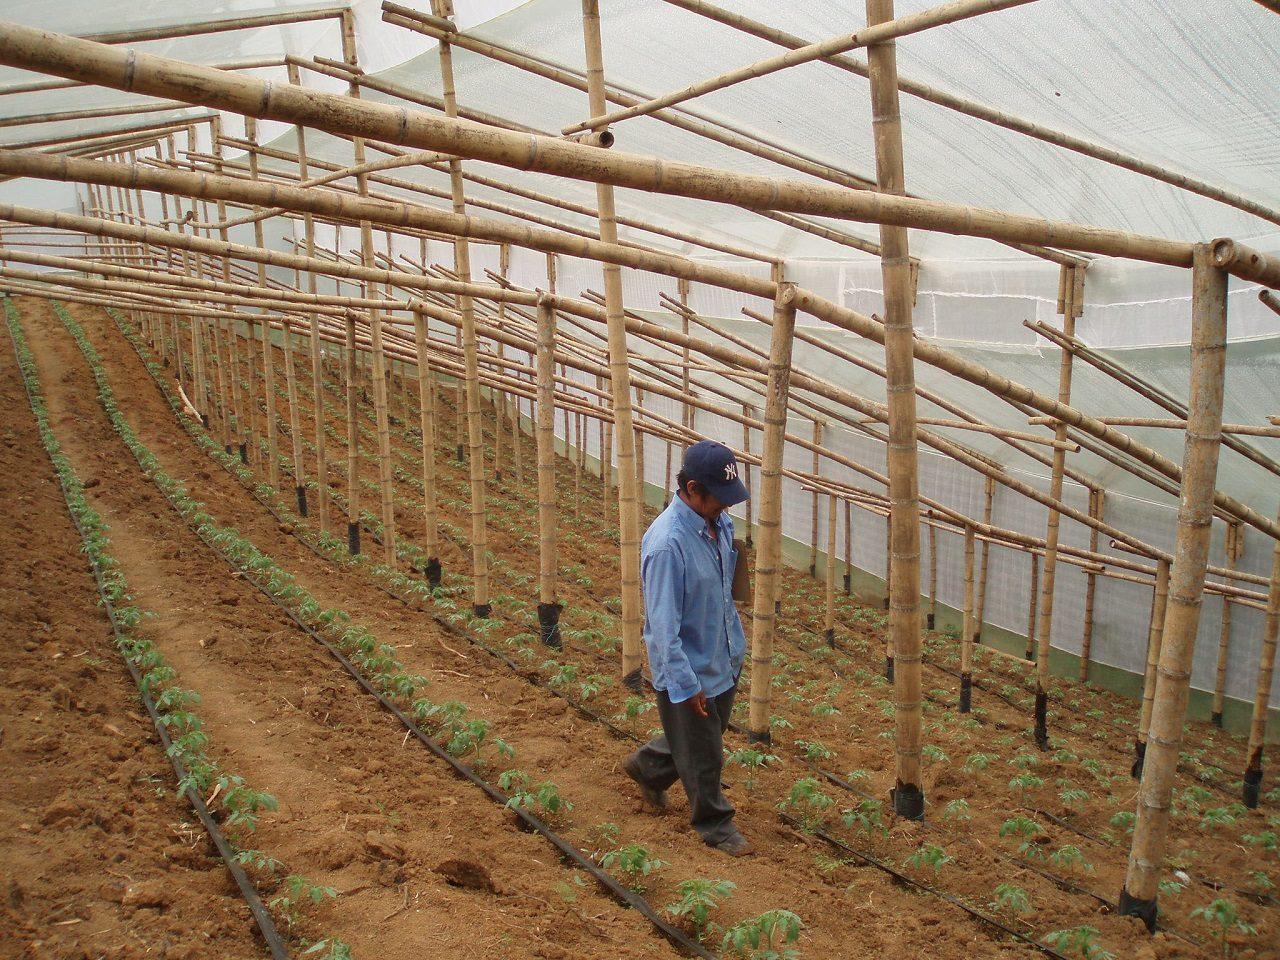 Récolte sous serre Colombie